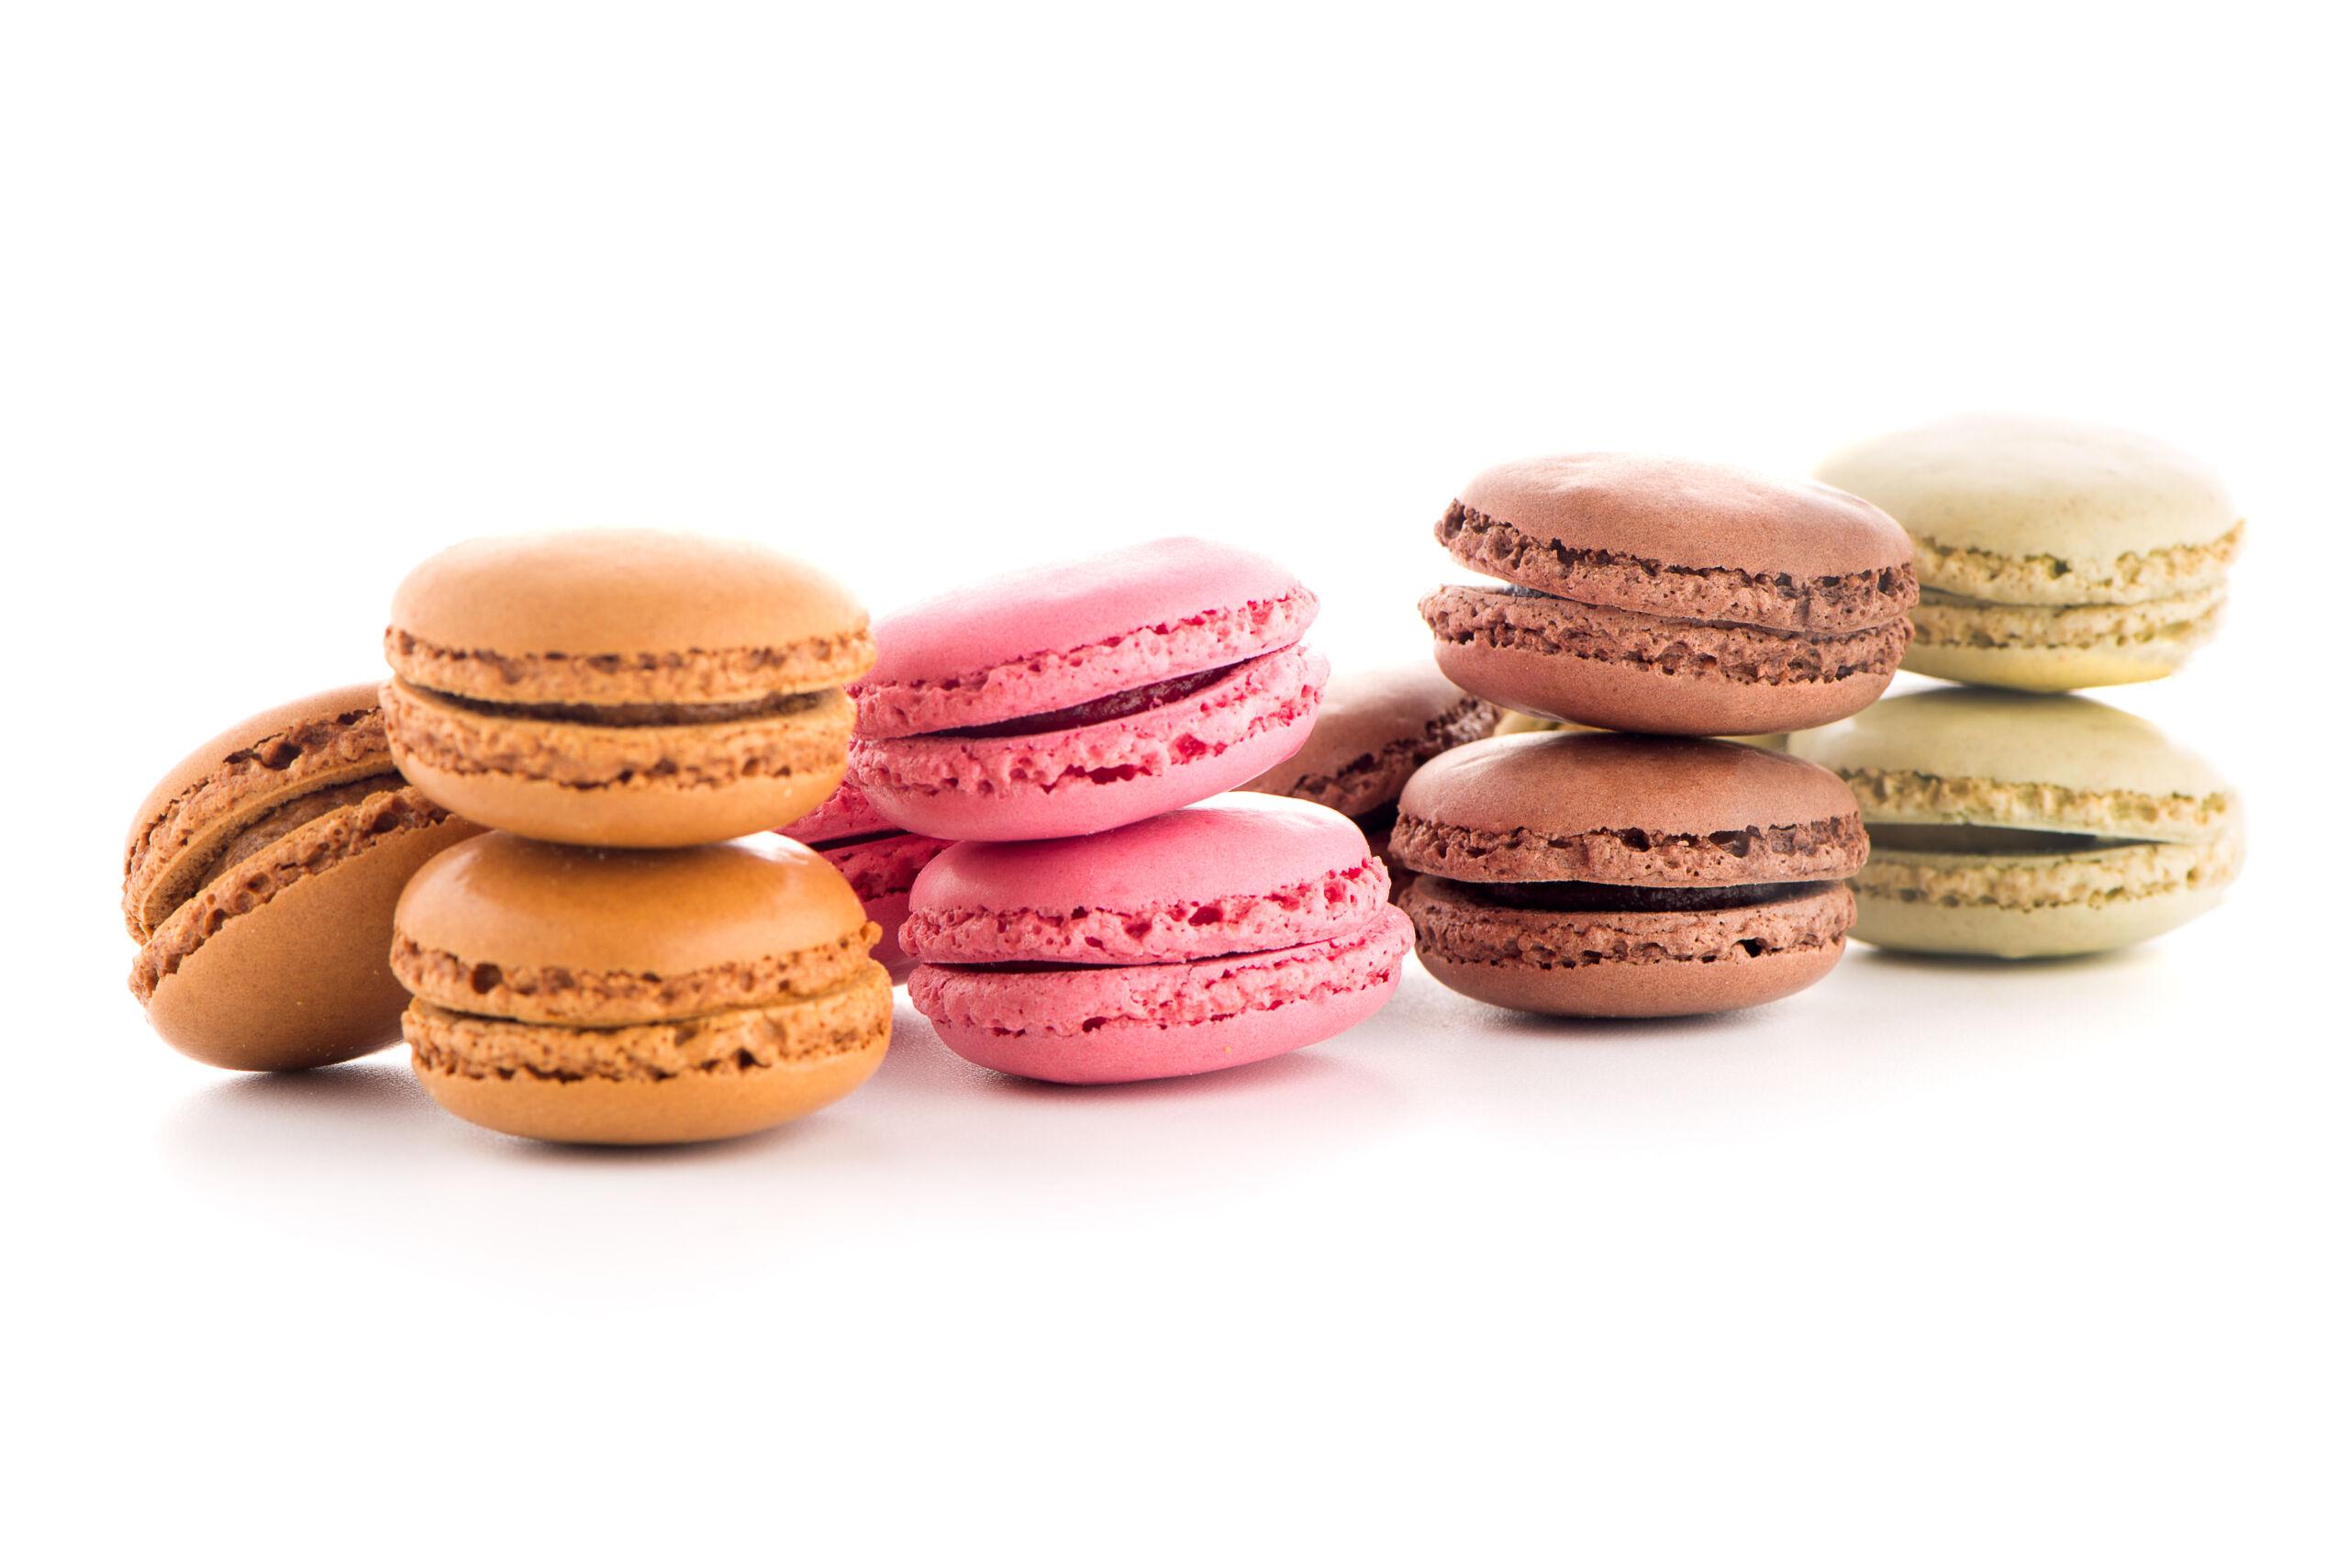 Macaron French Macaroons